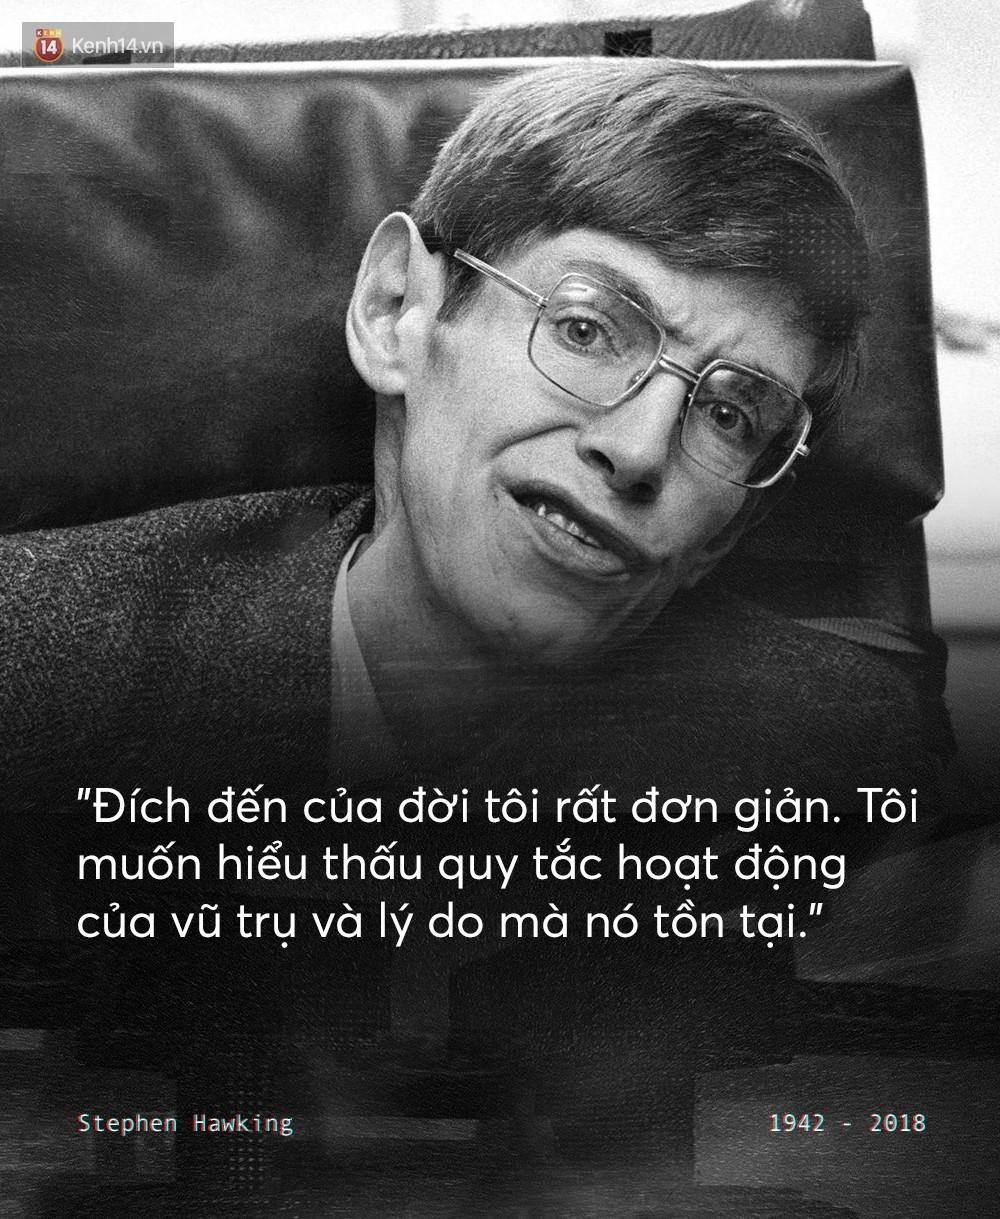 Những câu nói để đời của Stephen Hawking: Từ suy nghĩ giản đơn về cuộc đời cho tới triết lý mang tầm vũ trụ - Ảnh 9.